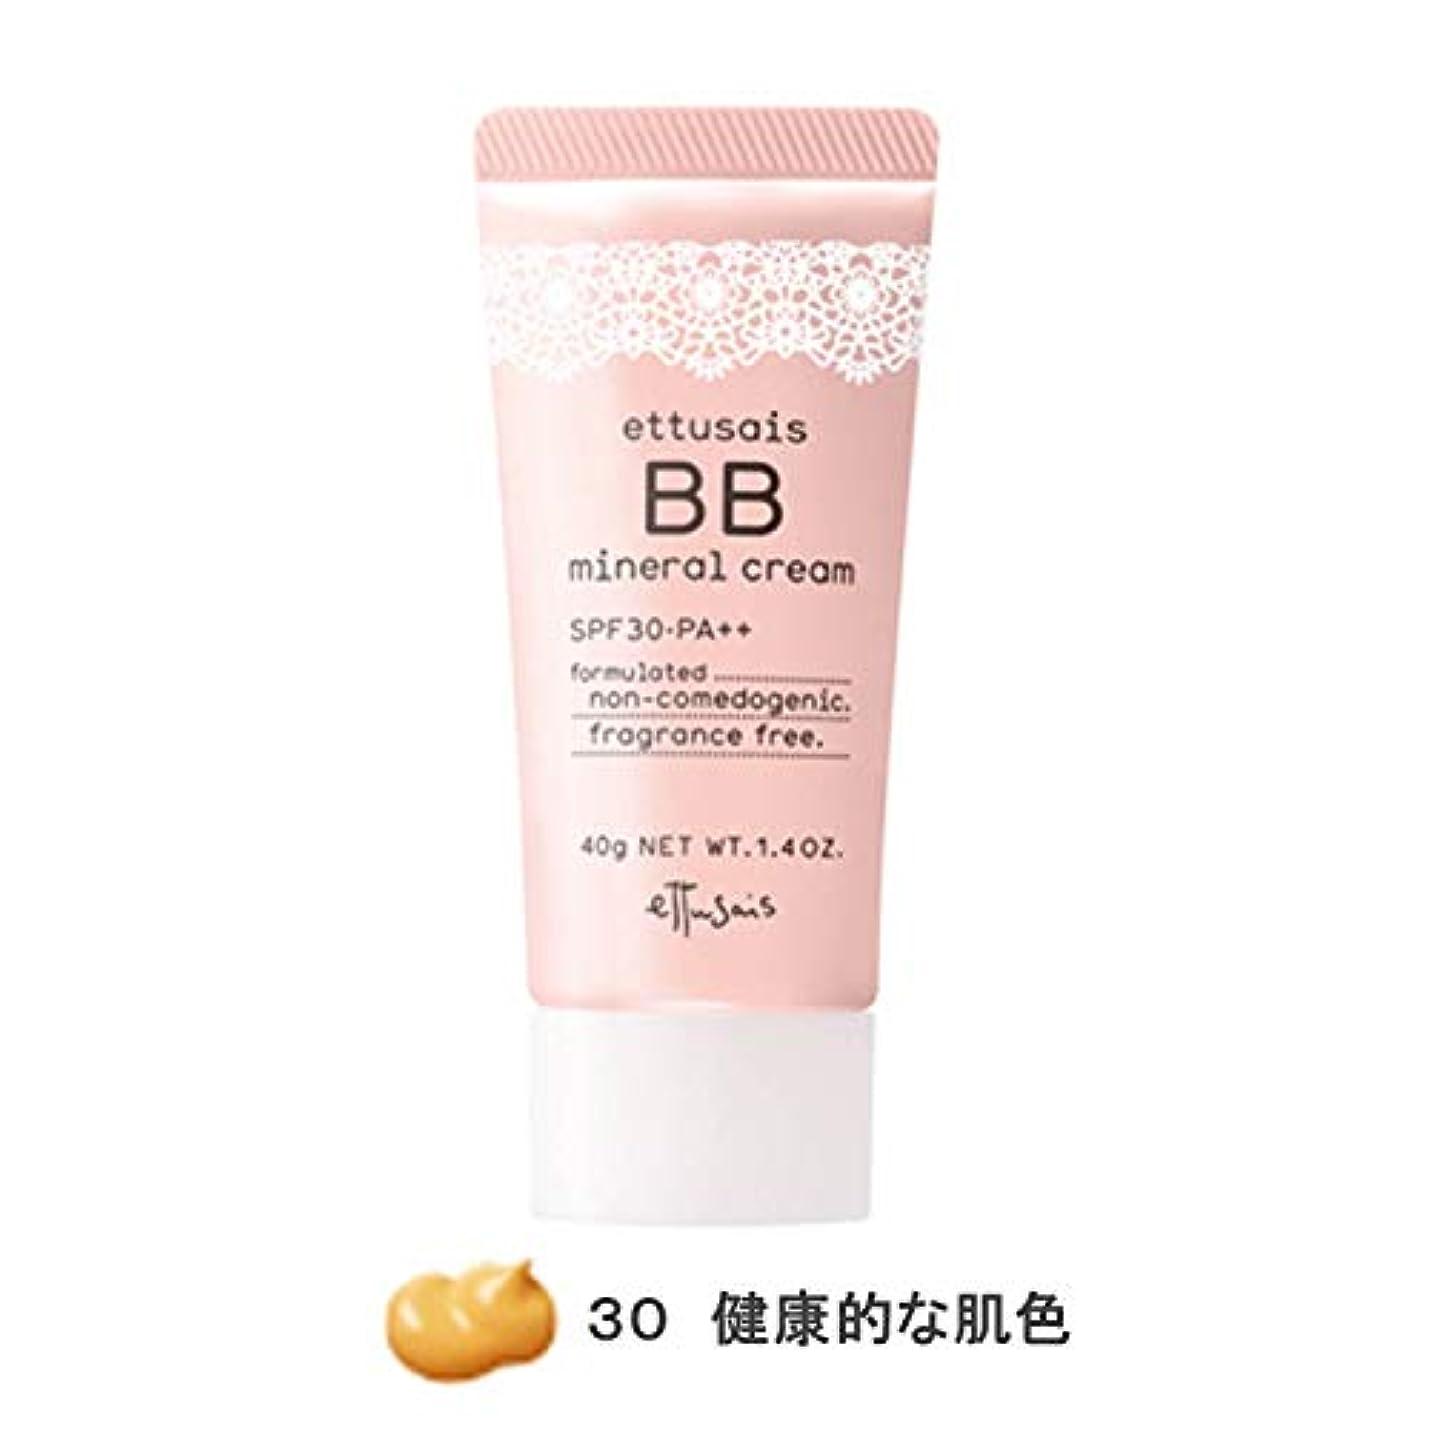 アラバマ急流アボートエテュセ BBミネラルクリーム 30(健康的な肌色) SPF30?PA++ 40g